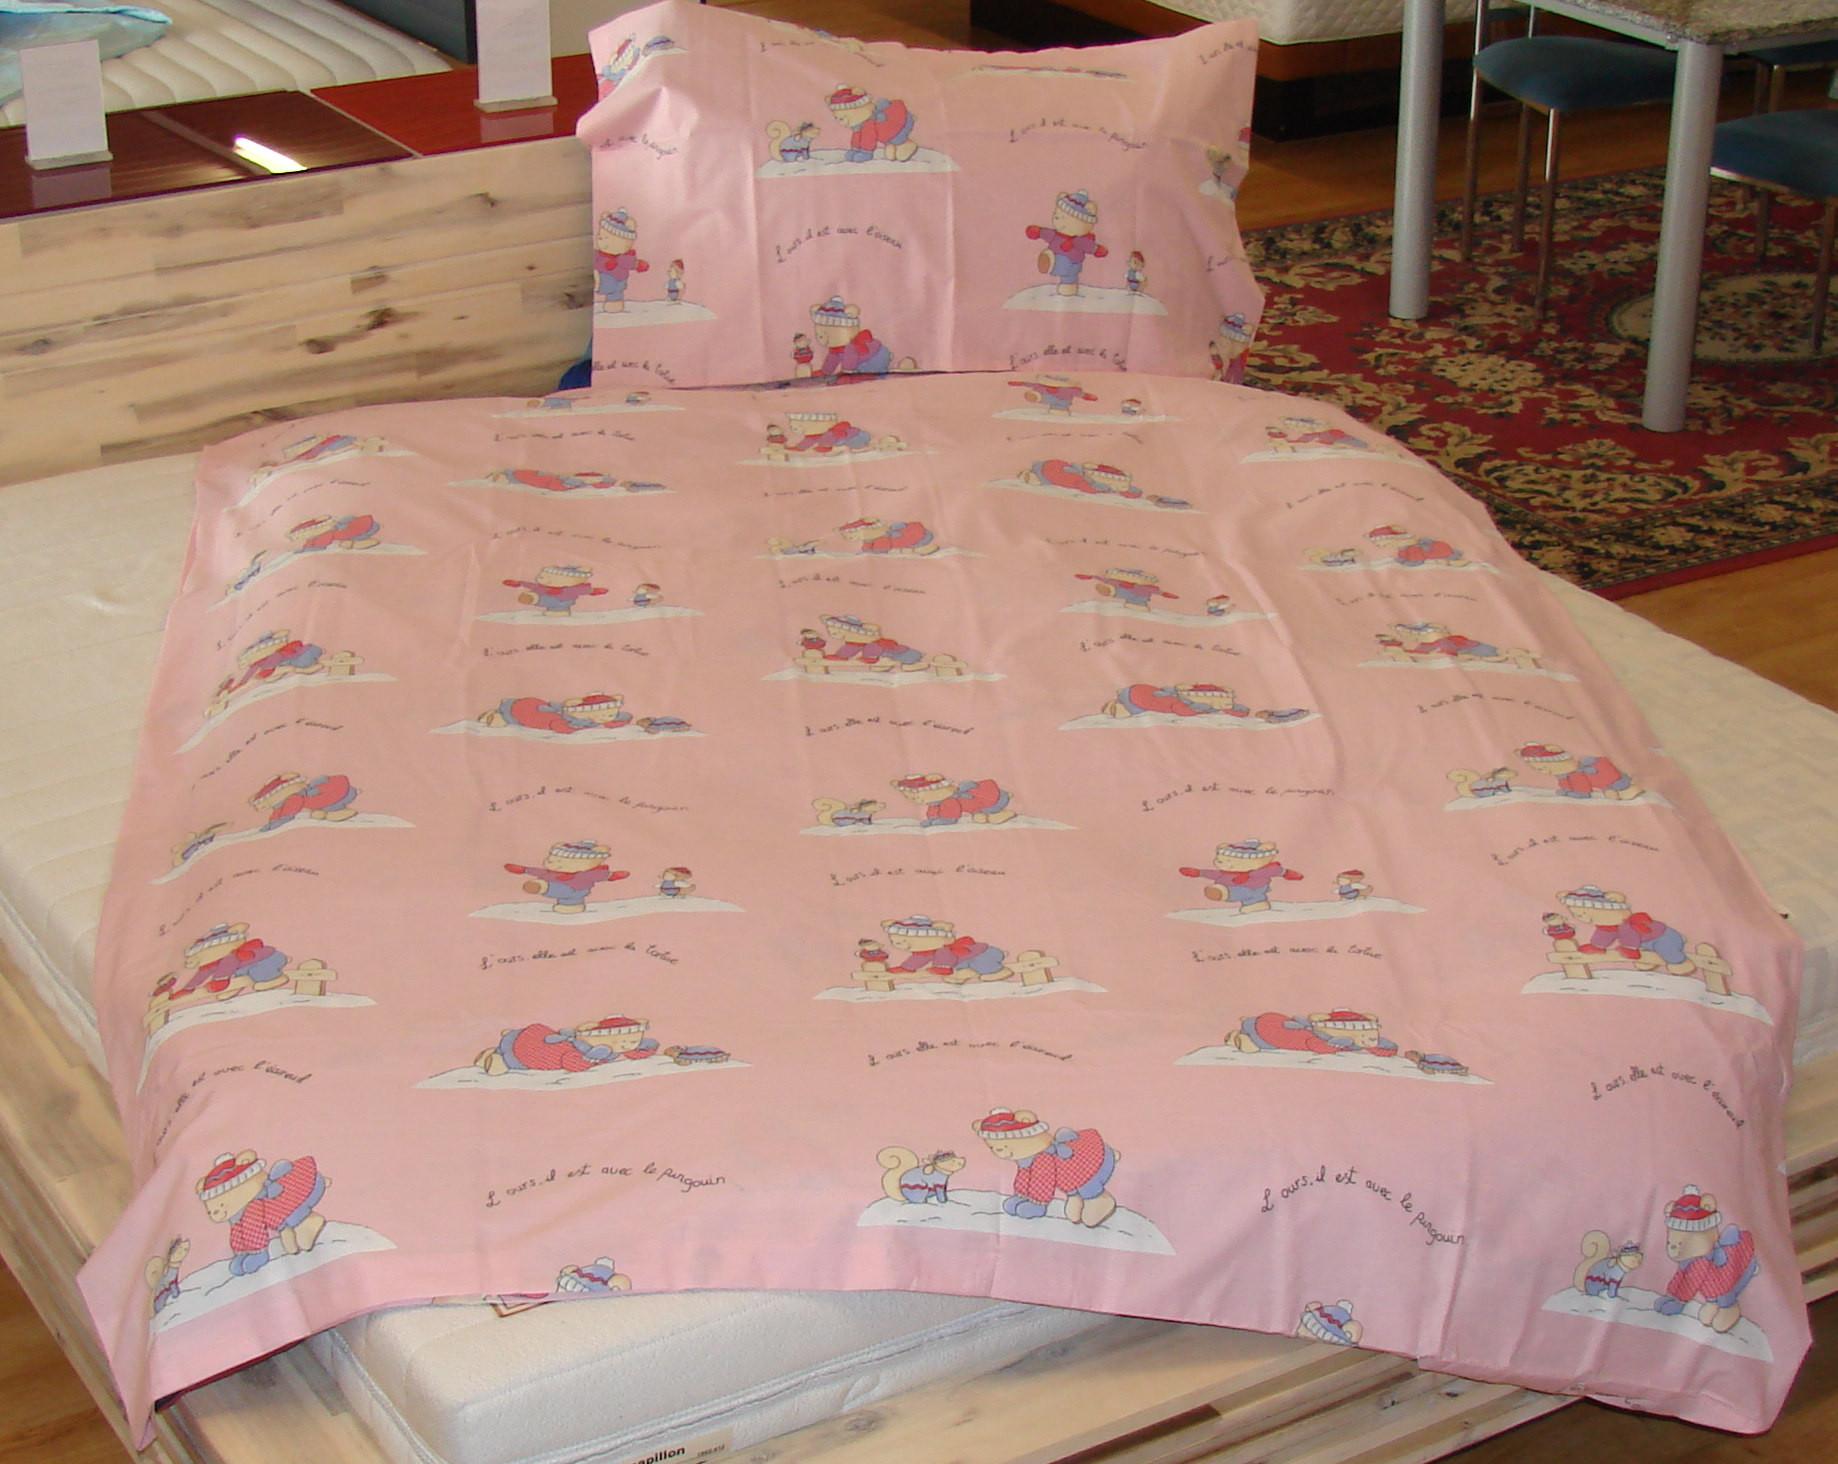 Full Size of Bettwäsche Lustig Bettenstudio Mani Betten Fachgeschft Kinderbettwsche Bettwsche Sprüche T Shirt Lustige T Shirt Wohnzimmer Bettwäsche Lustig